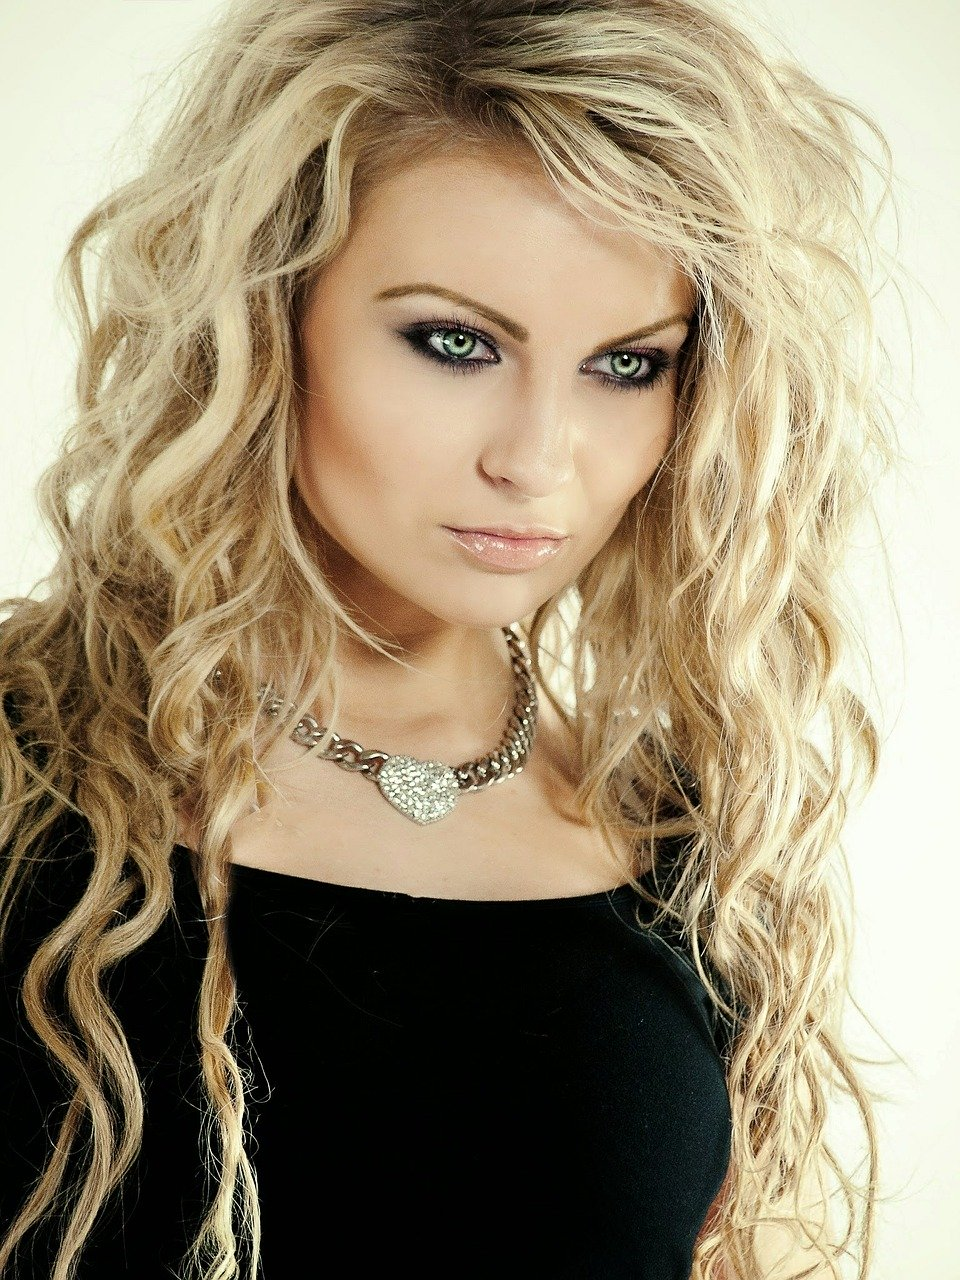 Palette ultra popielaty blond – Ponadczasowe odcienie popielatych blondów.